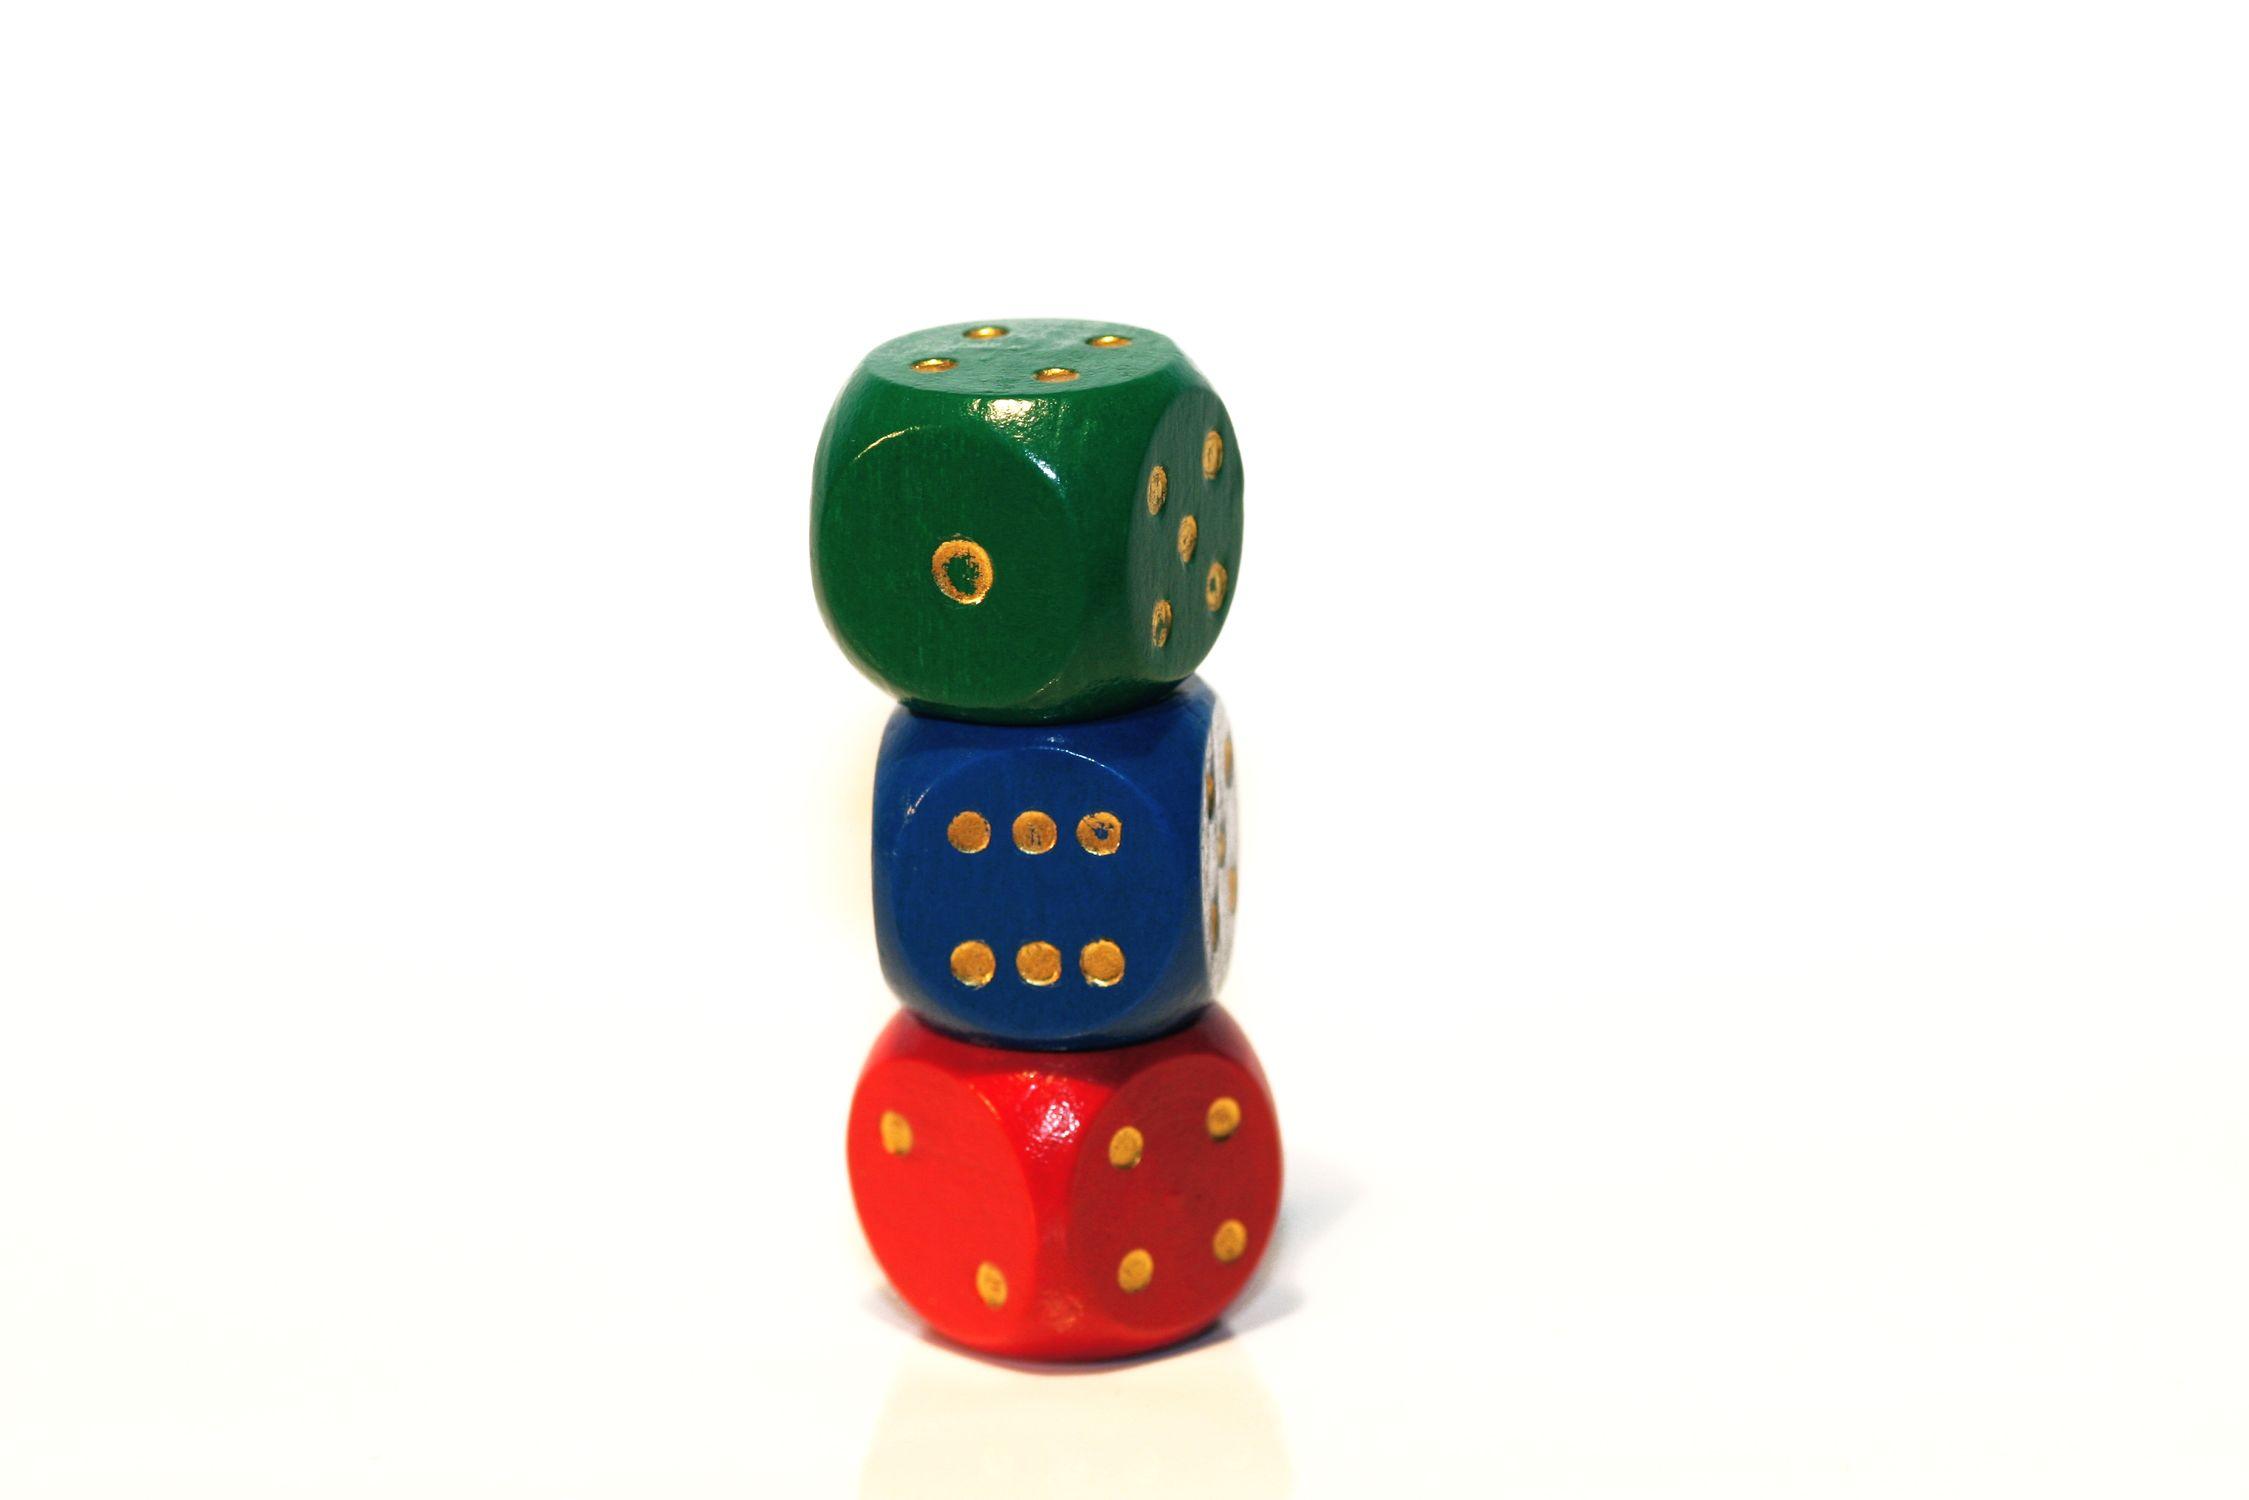 Bild mit Gegenstände, Spiele und Spielzeuge